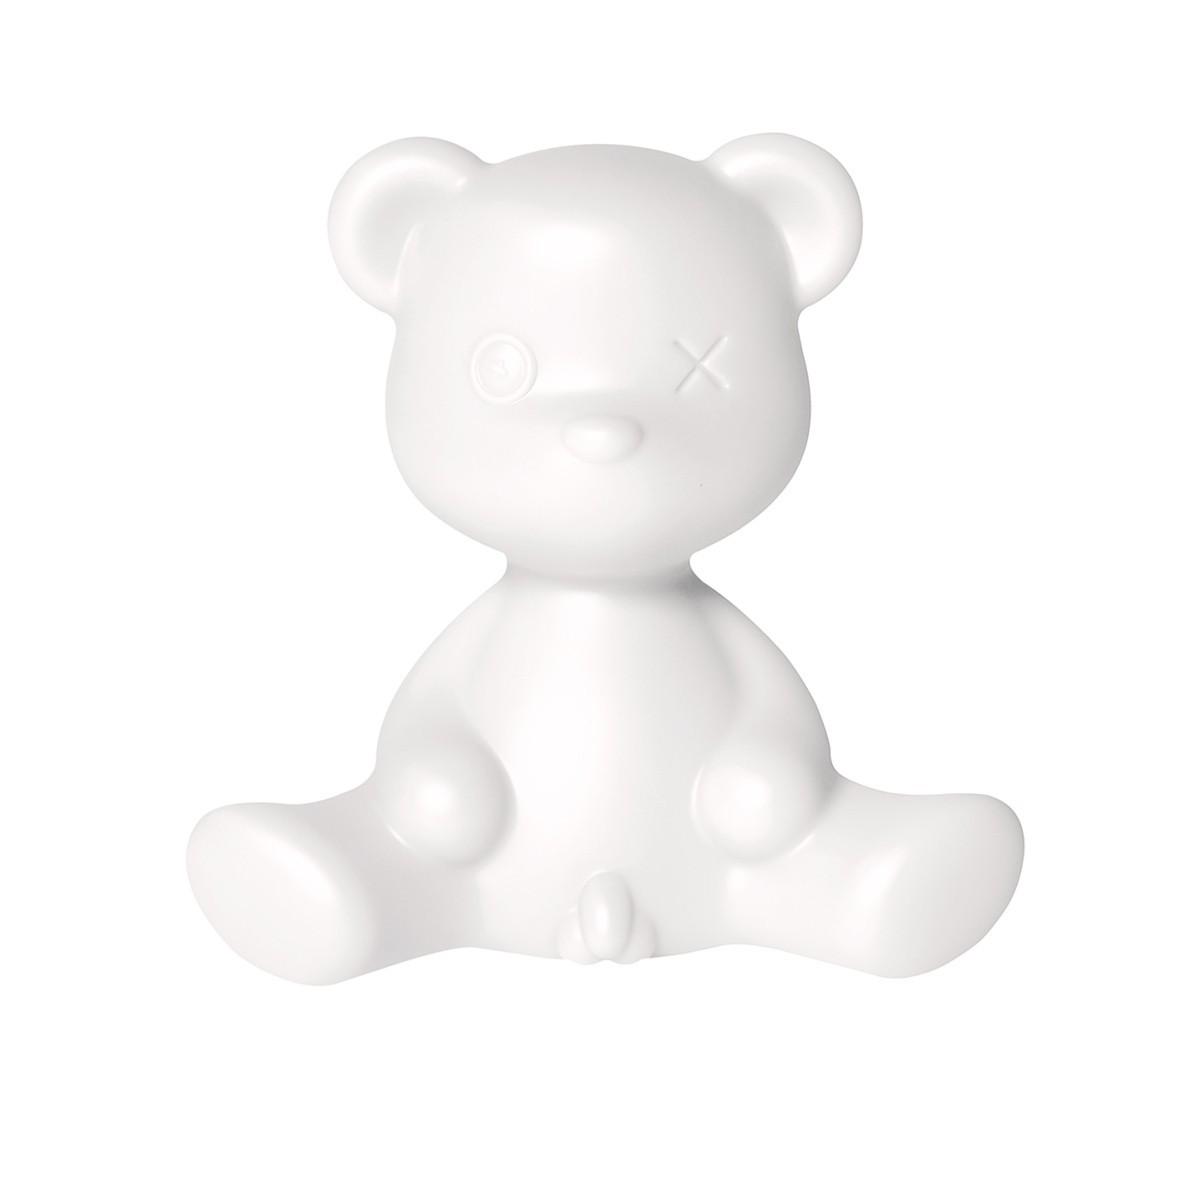 Lampe Teddy Boy - Qeeboo